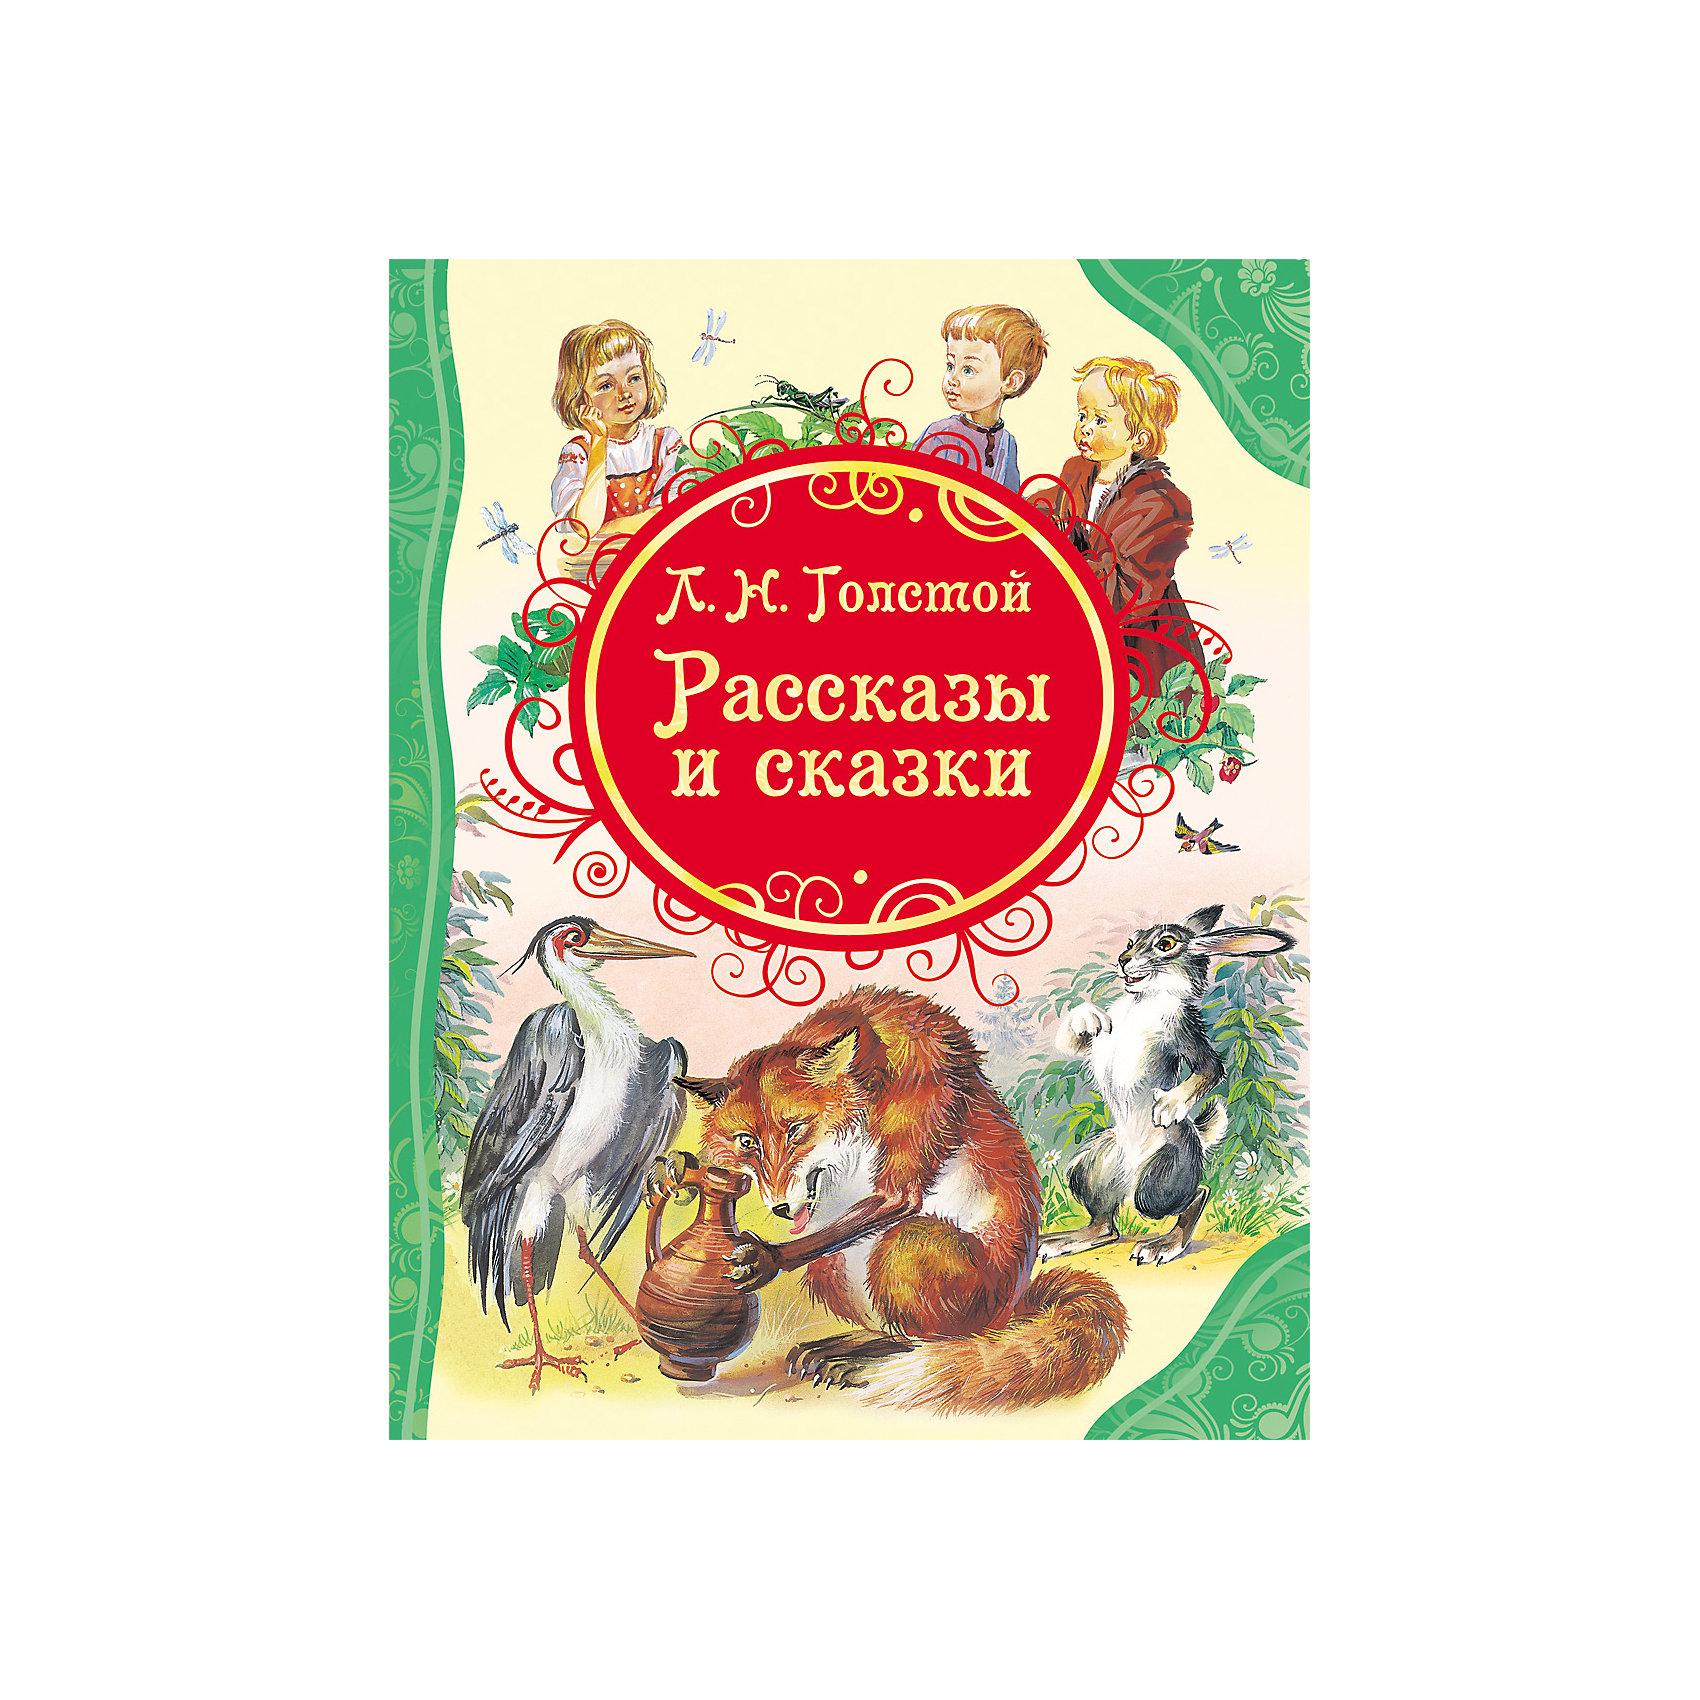 Росмэн Рассказы и сказки, Л.Н. Толстой осеева в белкины проделки рассказы и сказки